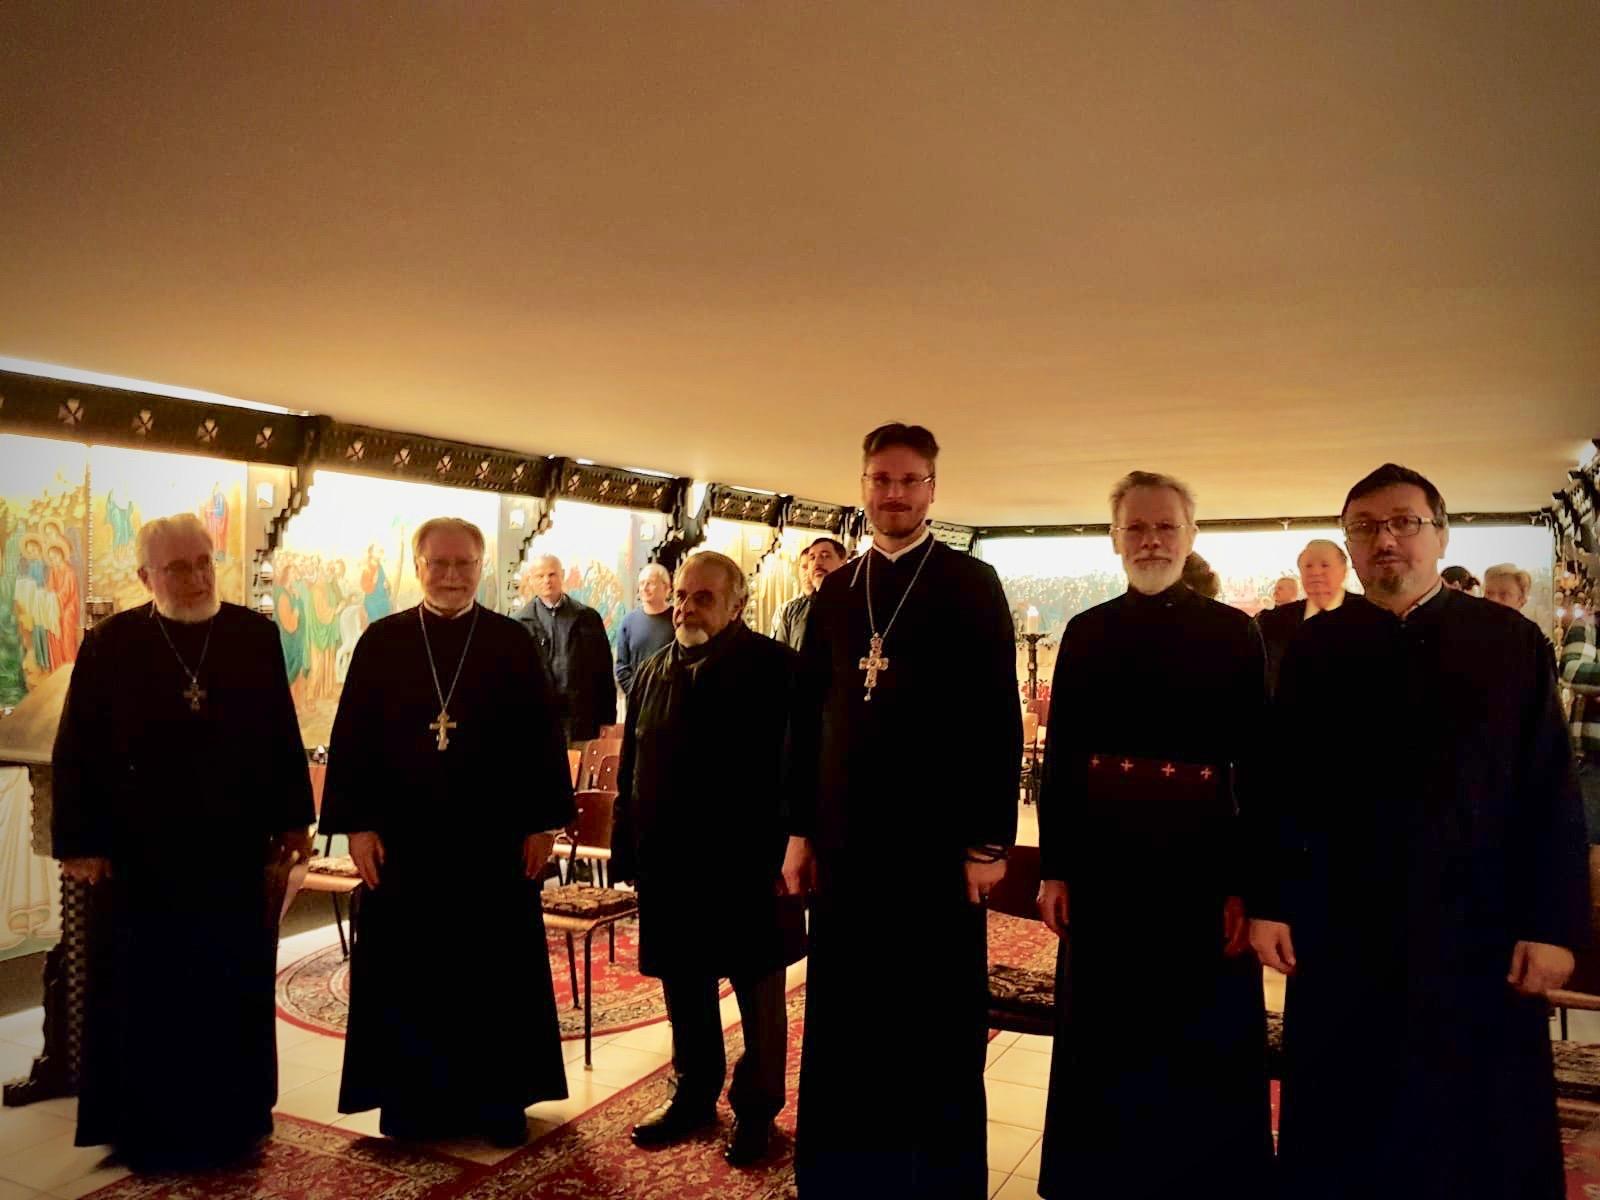 Suisse : premier pas vers la reconnaissance des communautés orthodoxes par l'État